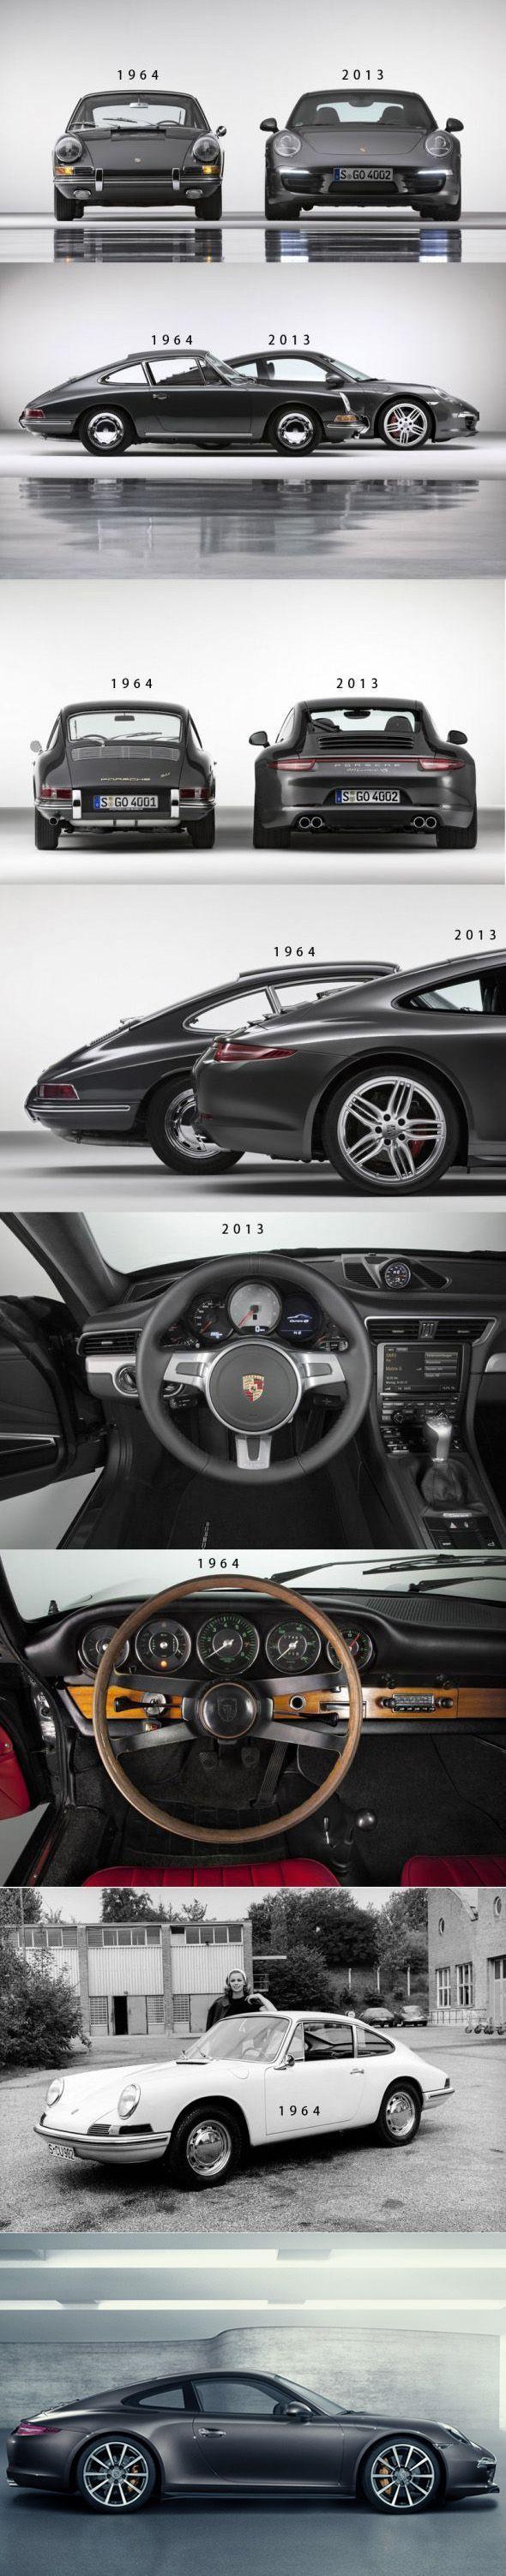 911 vs 911. Bonito cuando nació, espectacular esta última descendencia. Con cualquiera de los dos me conformaría #Porsche